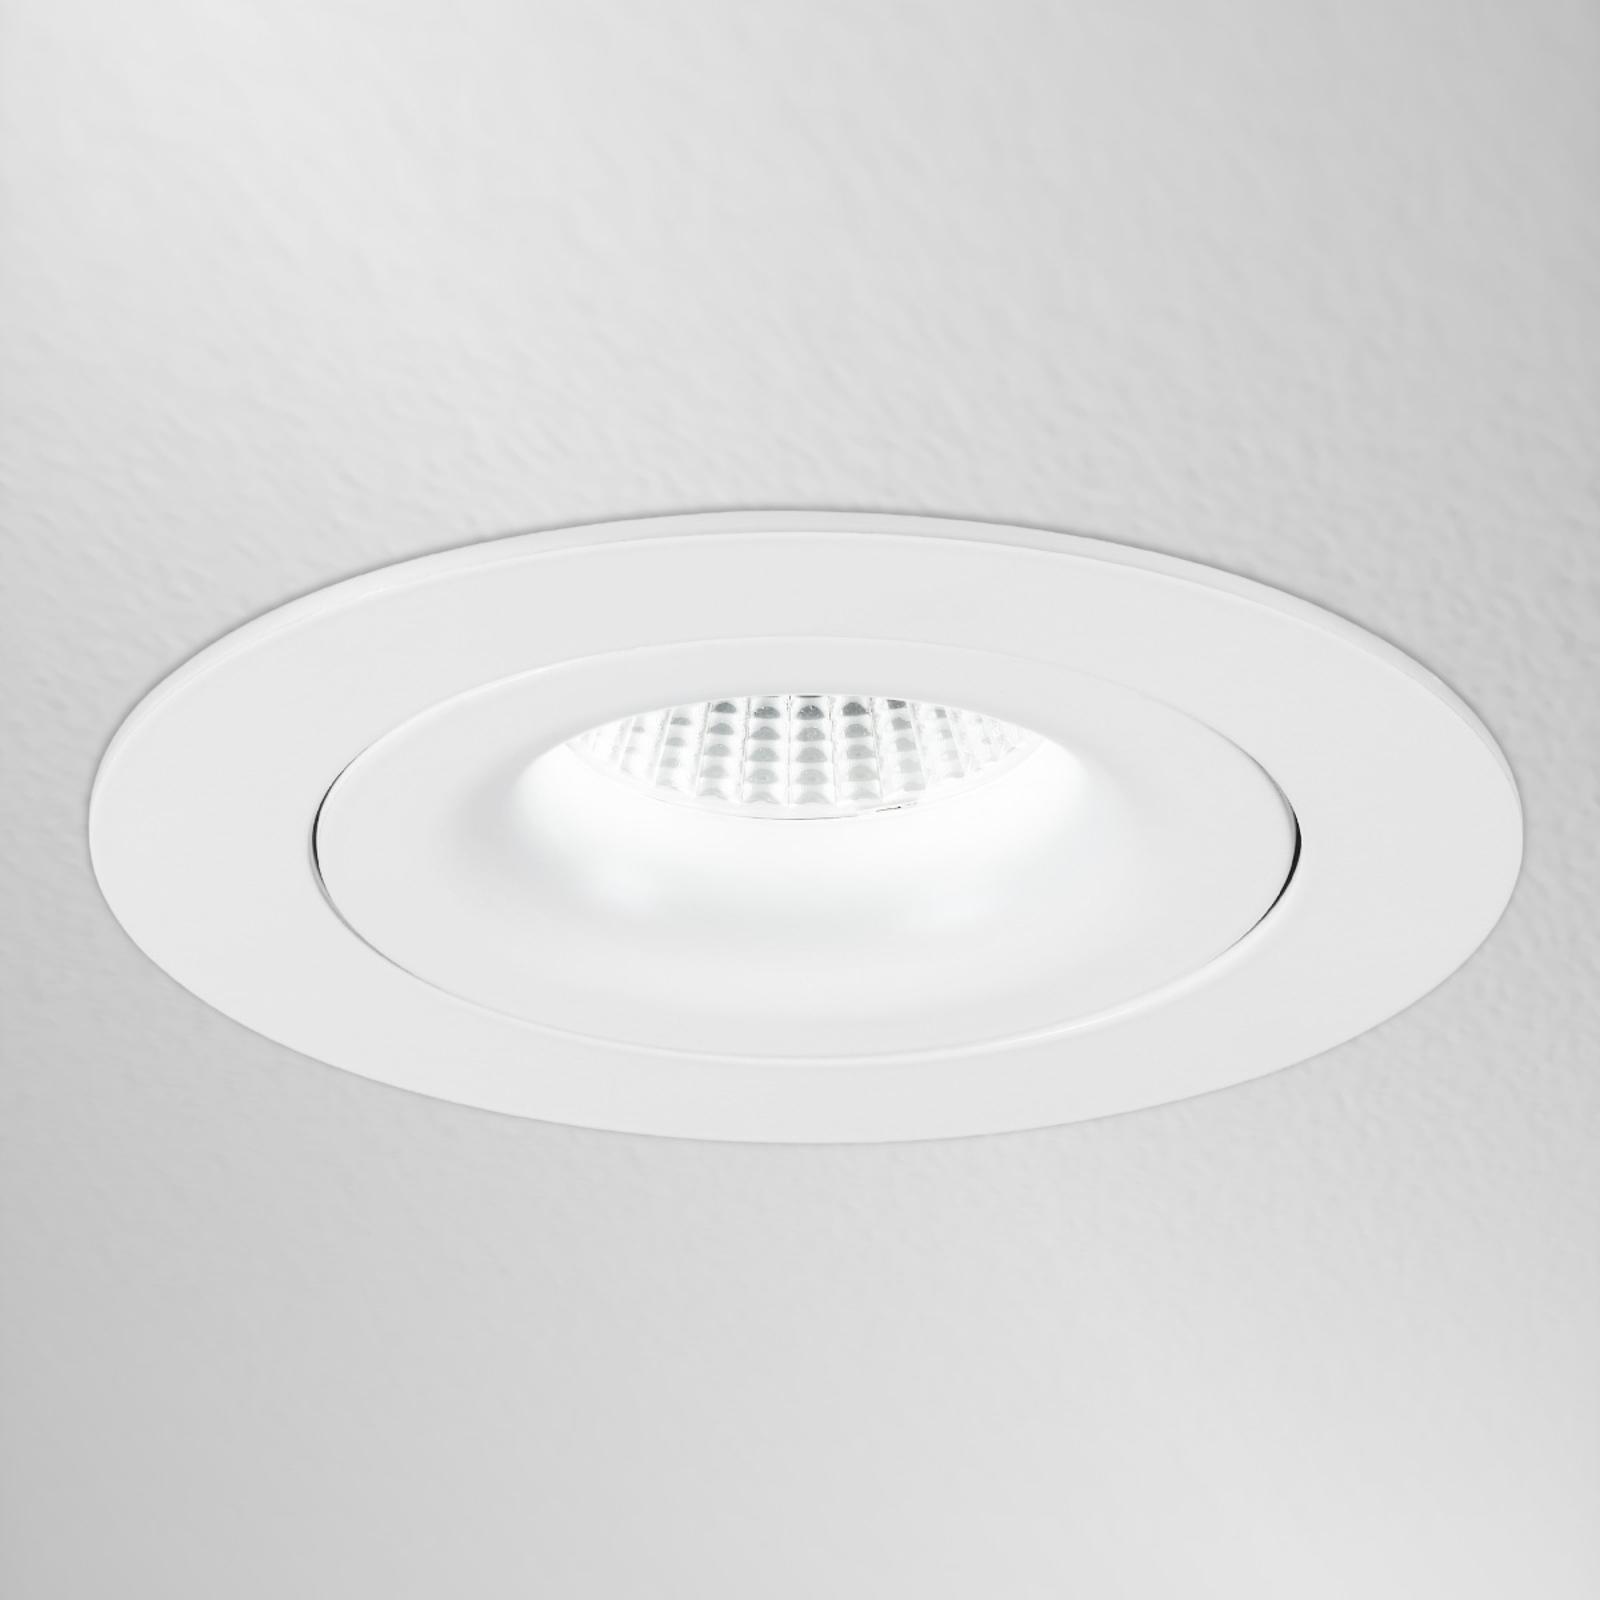 Faretto LED rotondo da incasso MK 110